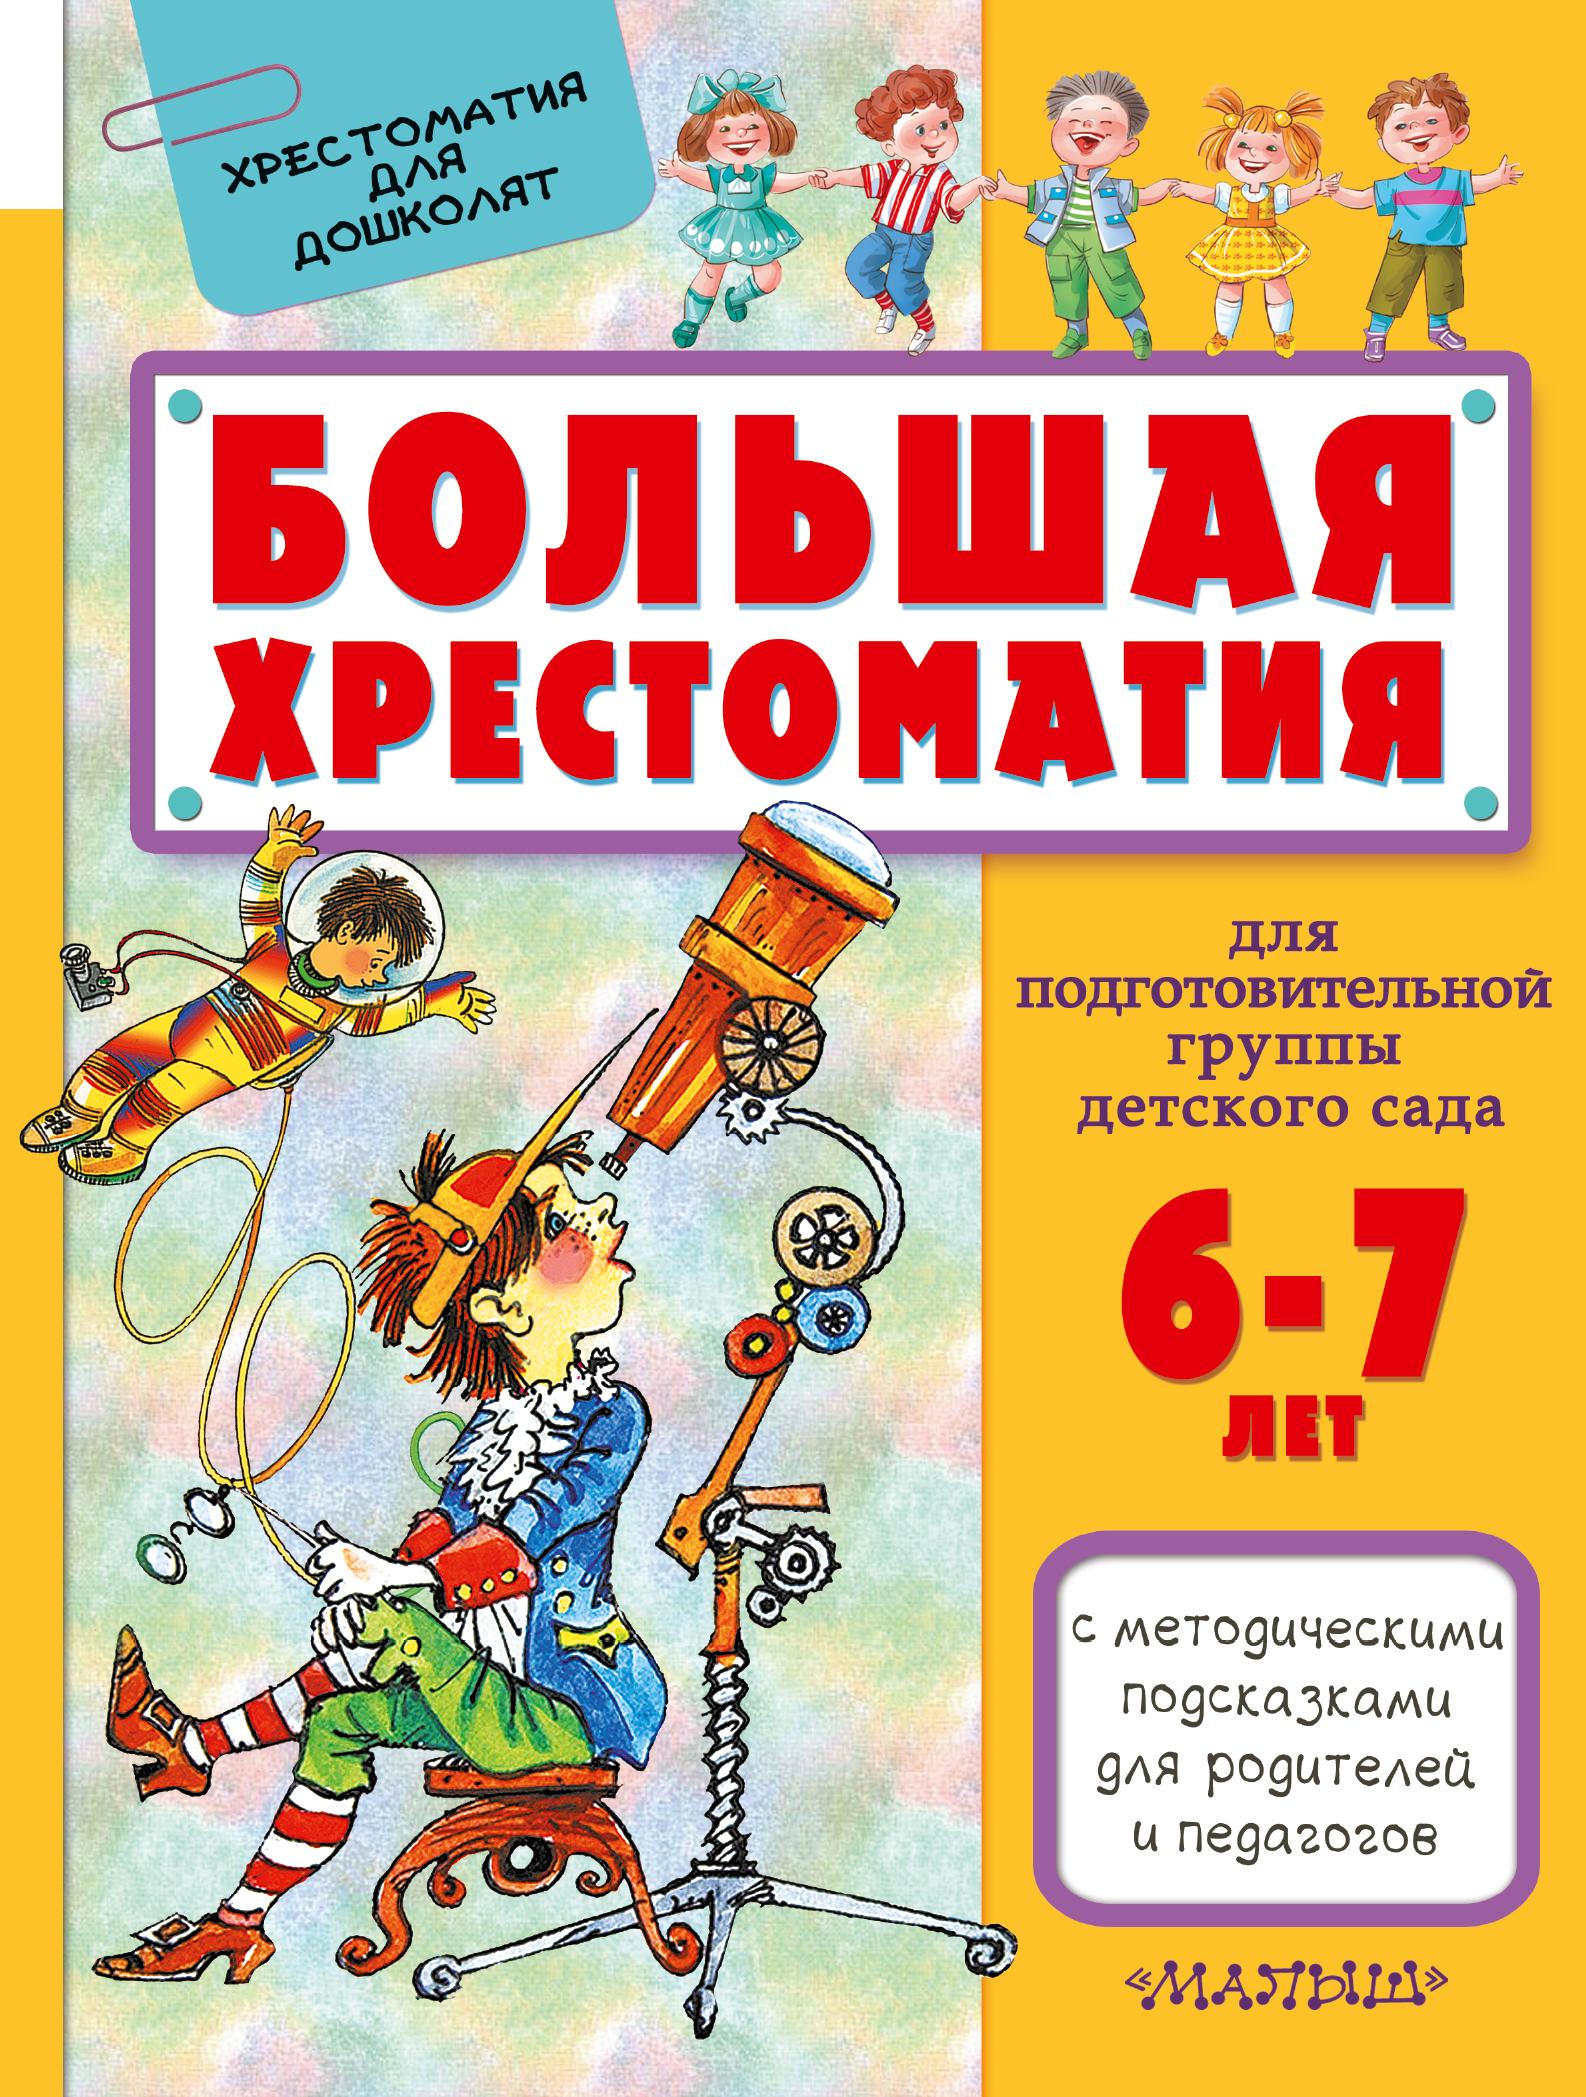 Большая хрестоматия для подготовительной группы детского сада. 6-7 лет